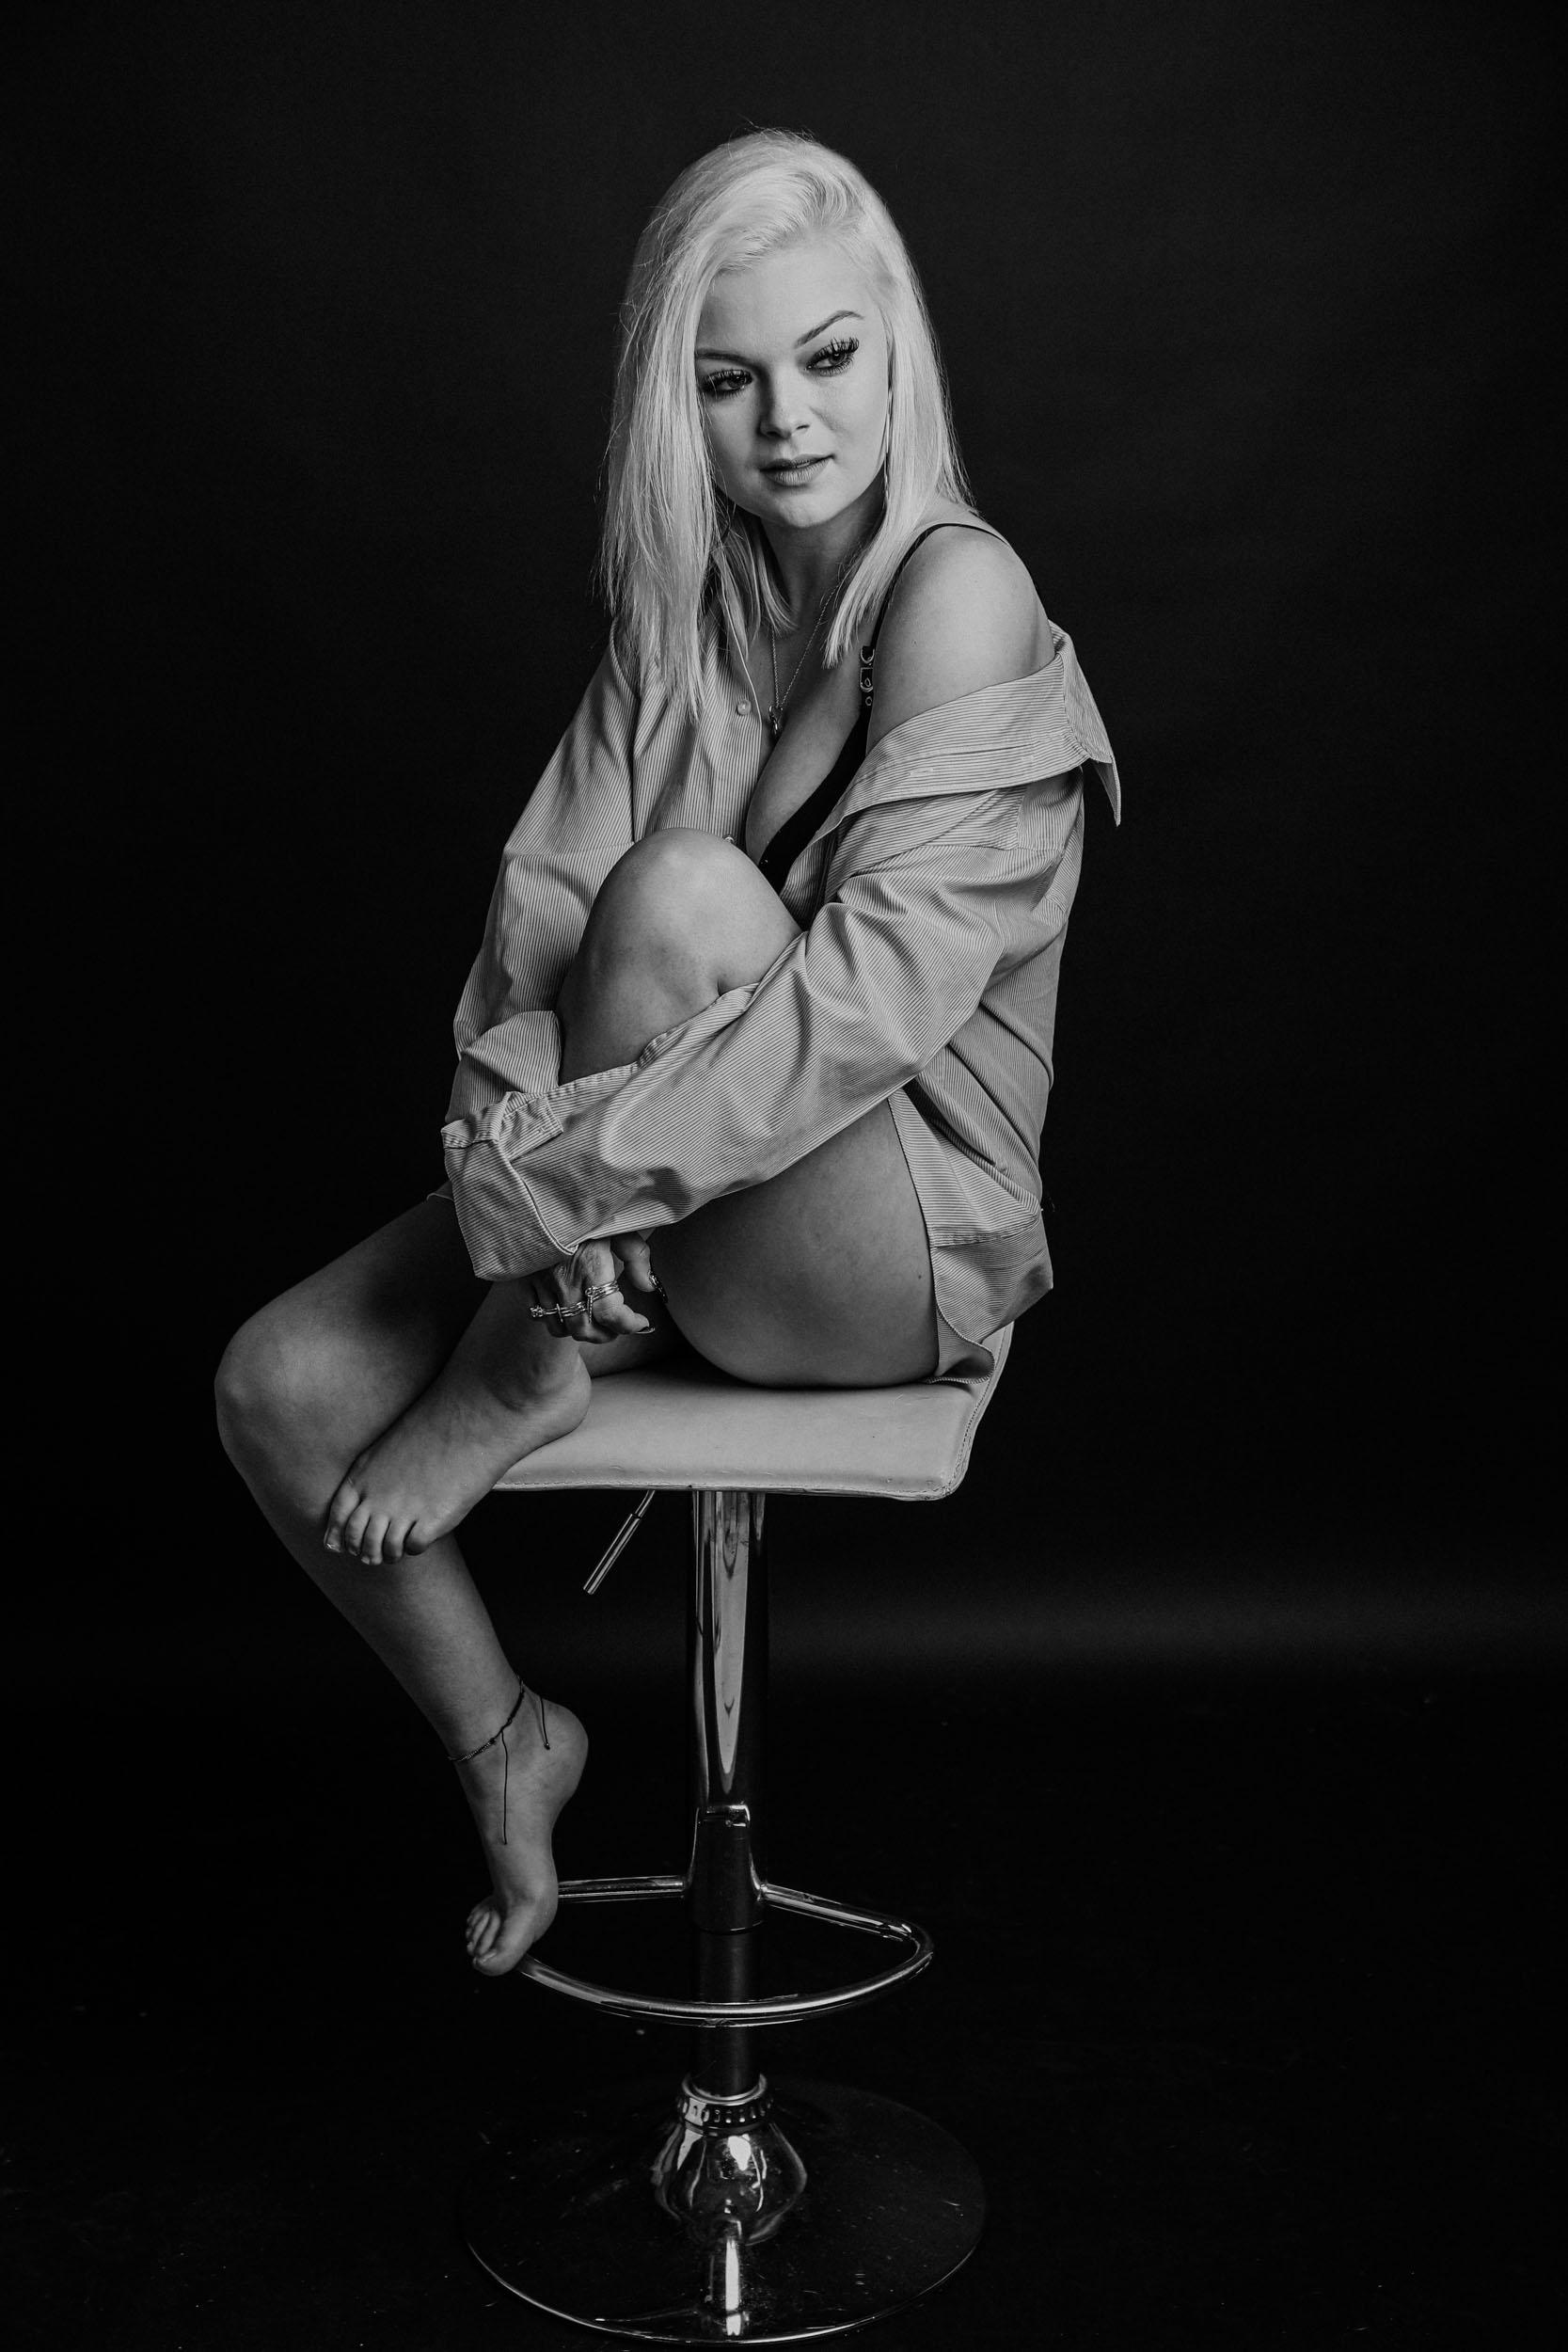 boudoir-photographer-grimsby-10.jpg